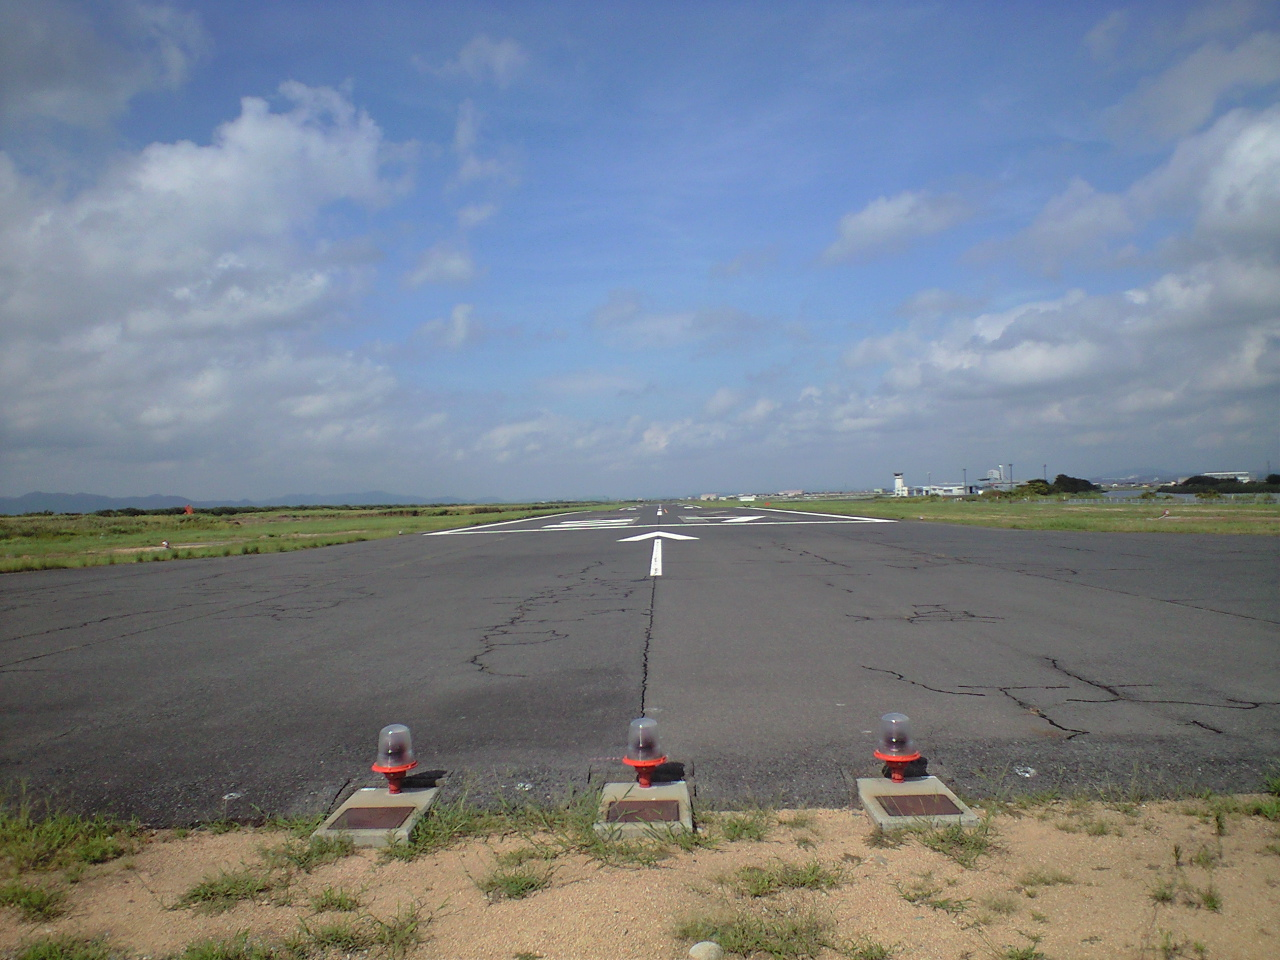 航空:これは酷い地方空港ですねww